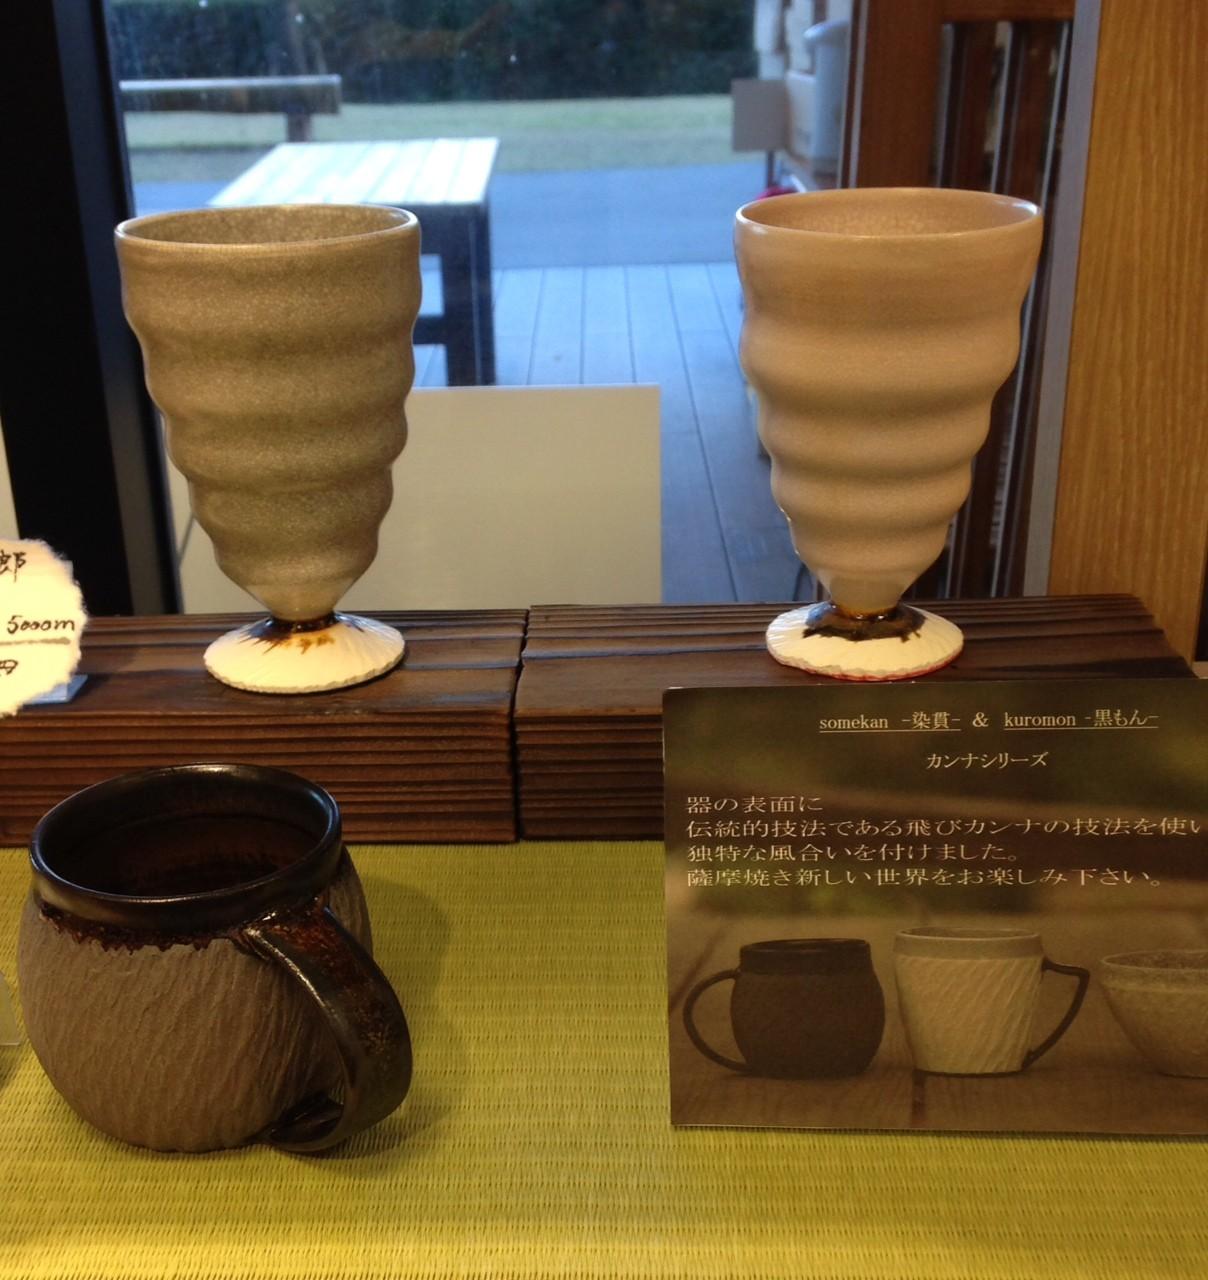 後ろのカップがsomekan噴煙カップ 高台が桜島。ボディが噴煙です。